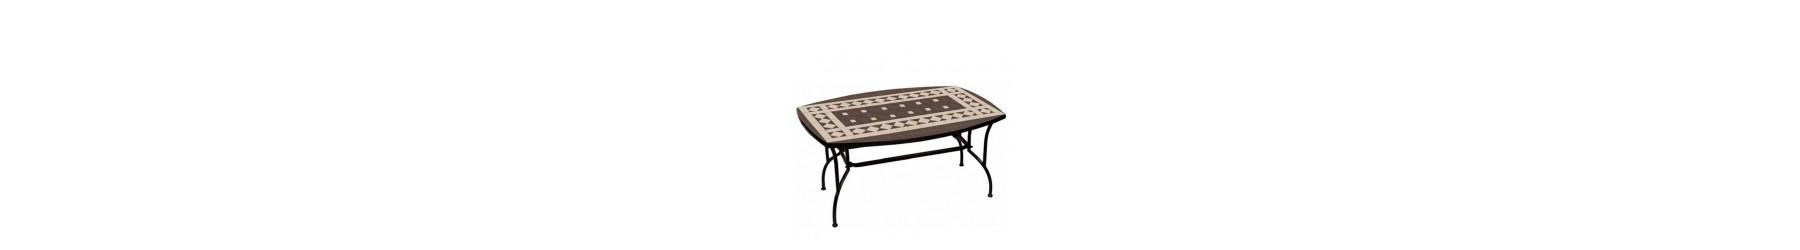 Τραπέζια με επιφάνεια μαρμάρινη ή πέτρινη